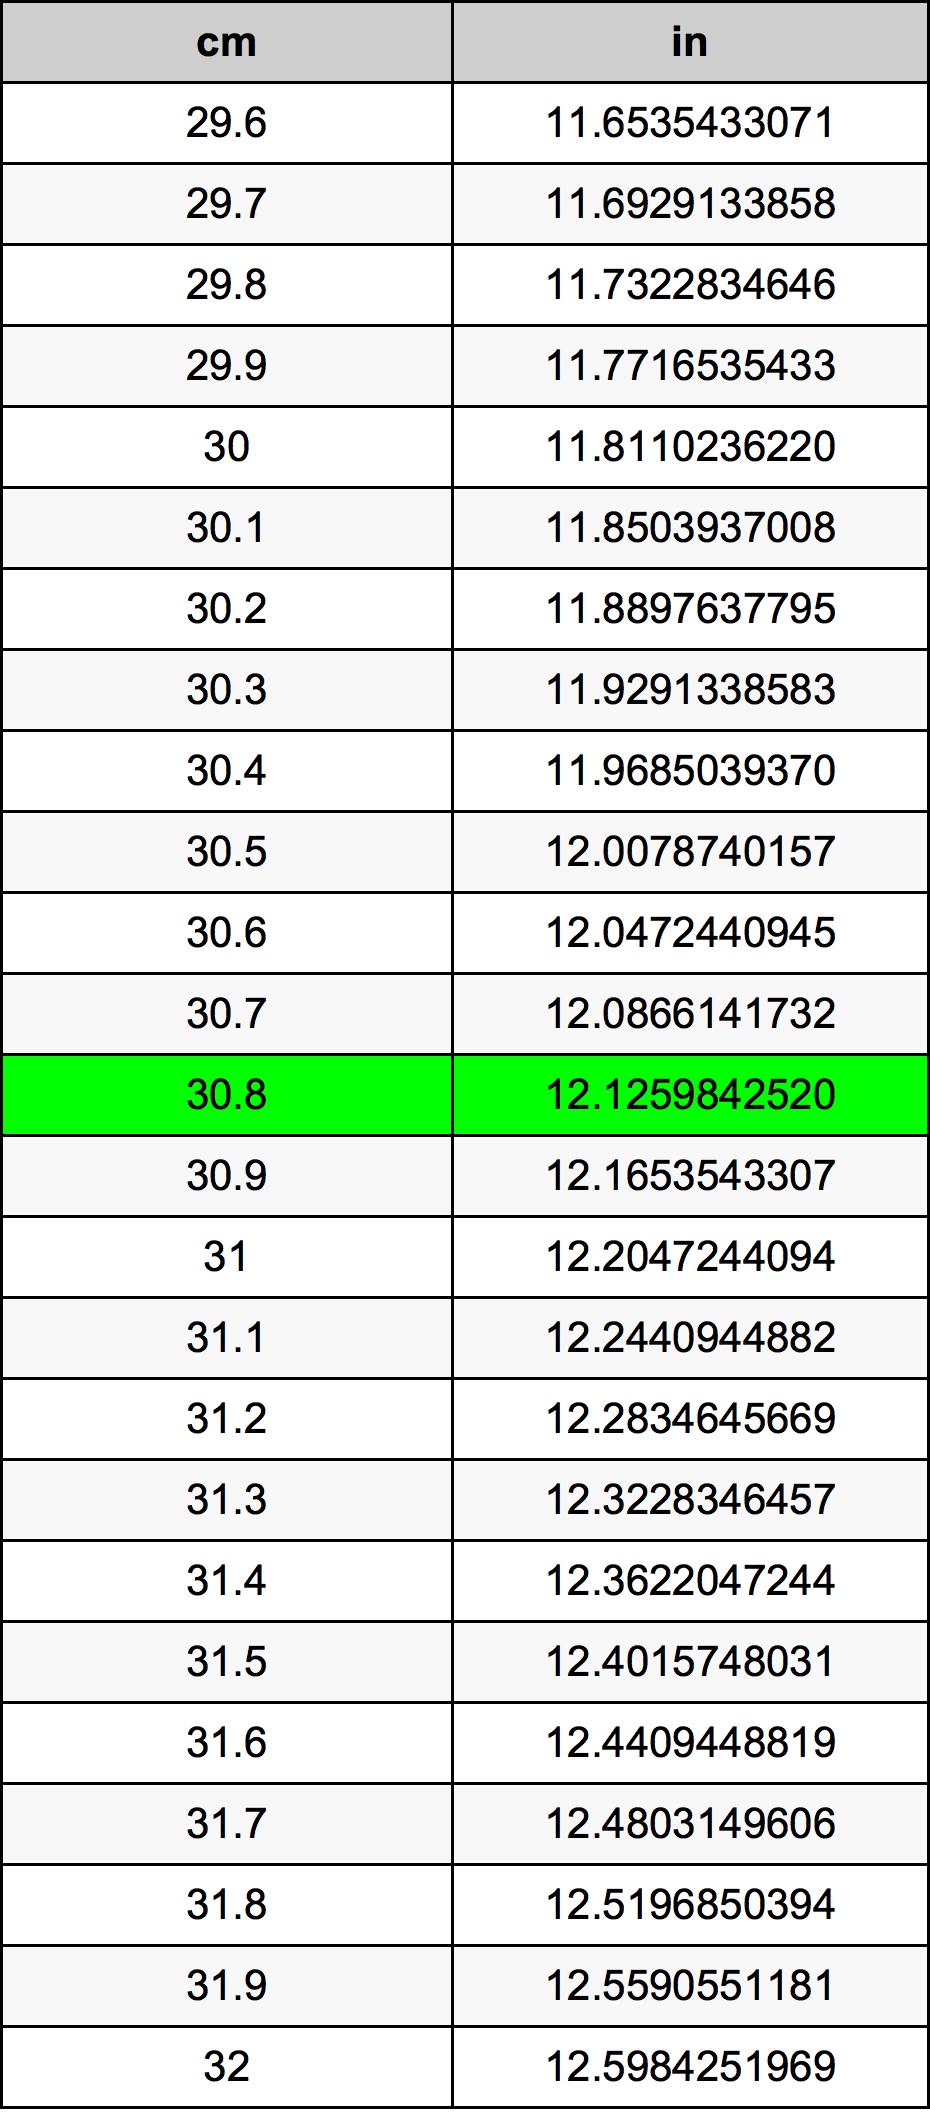 30.8 सेंटीमीटर रूपांतरण सारणी